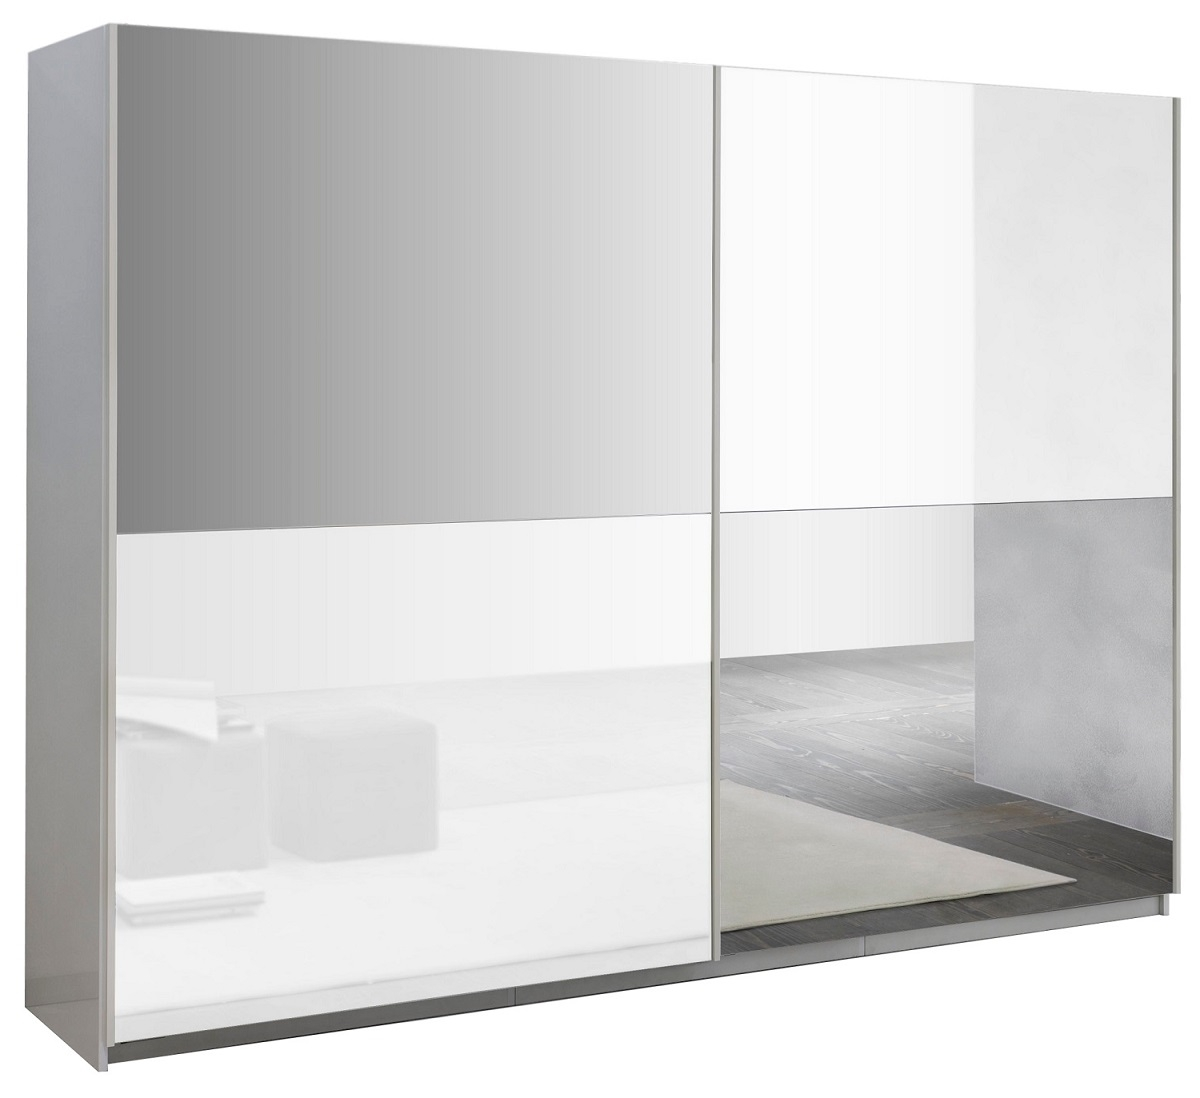 Kledingkast Kenzo 180 cm breed – Hoogglans wit met spiegel